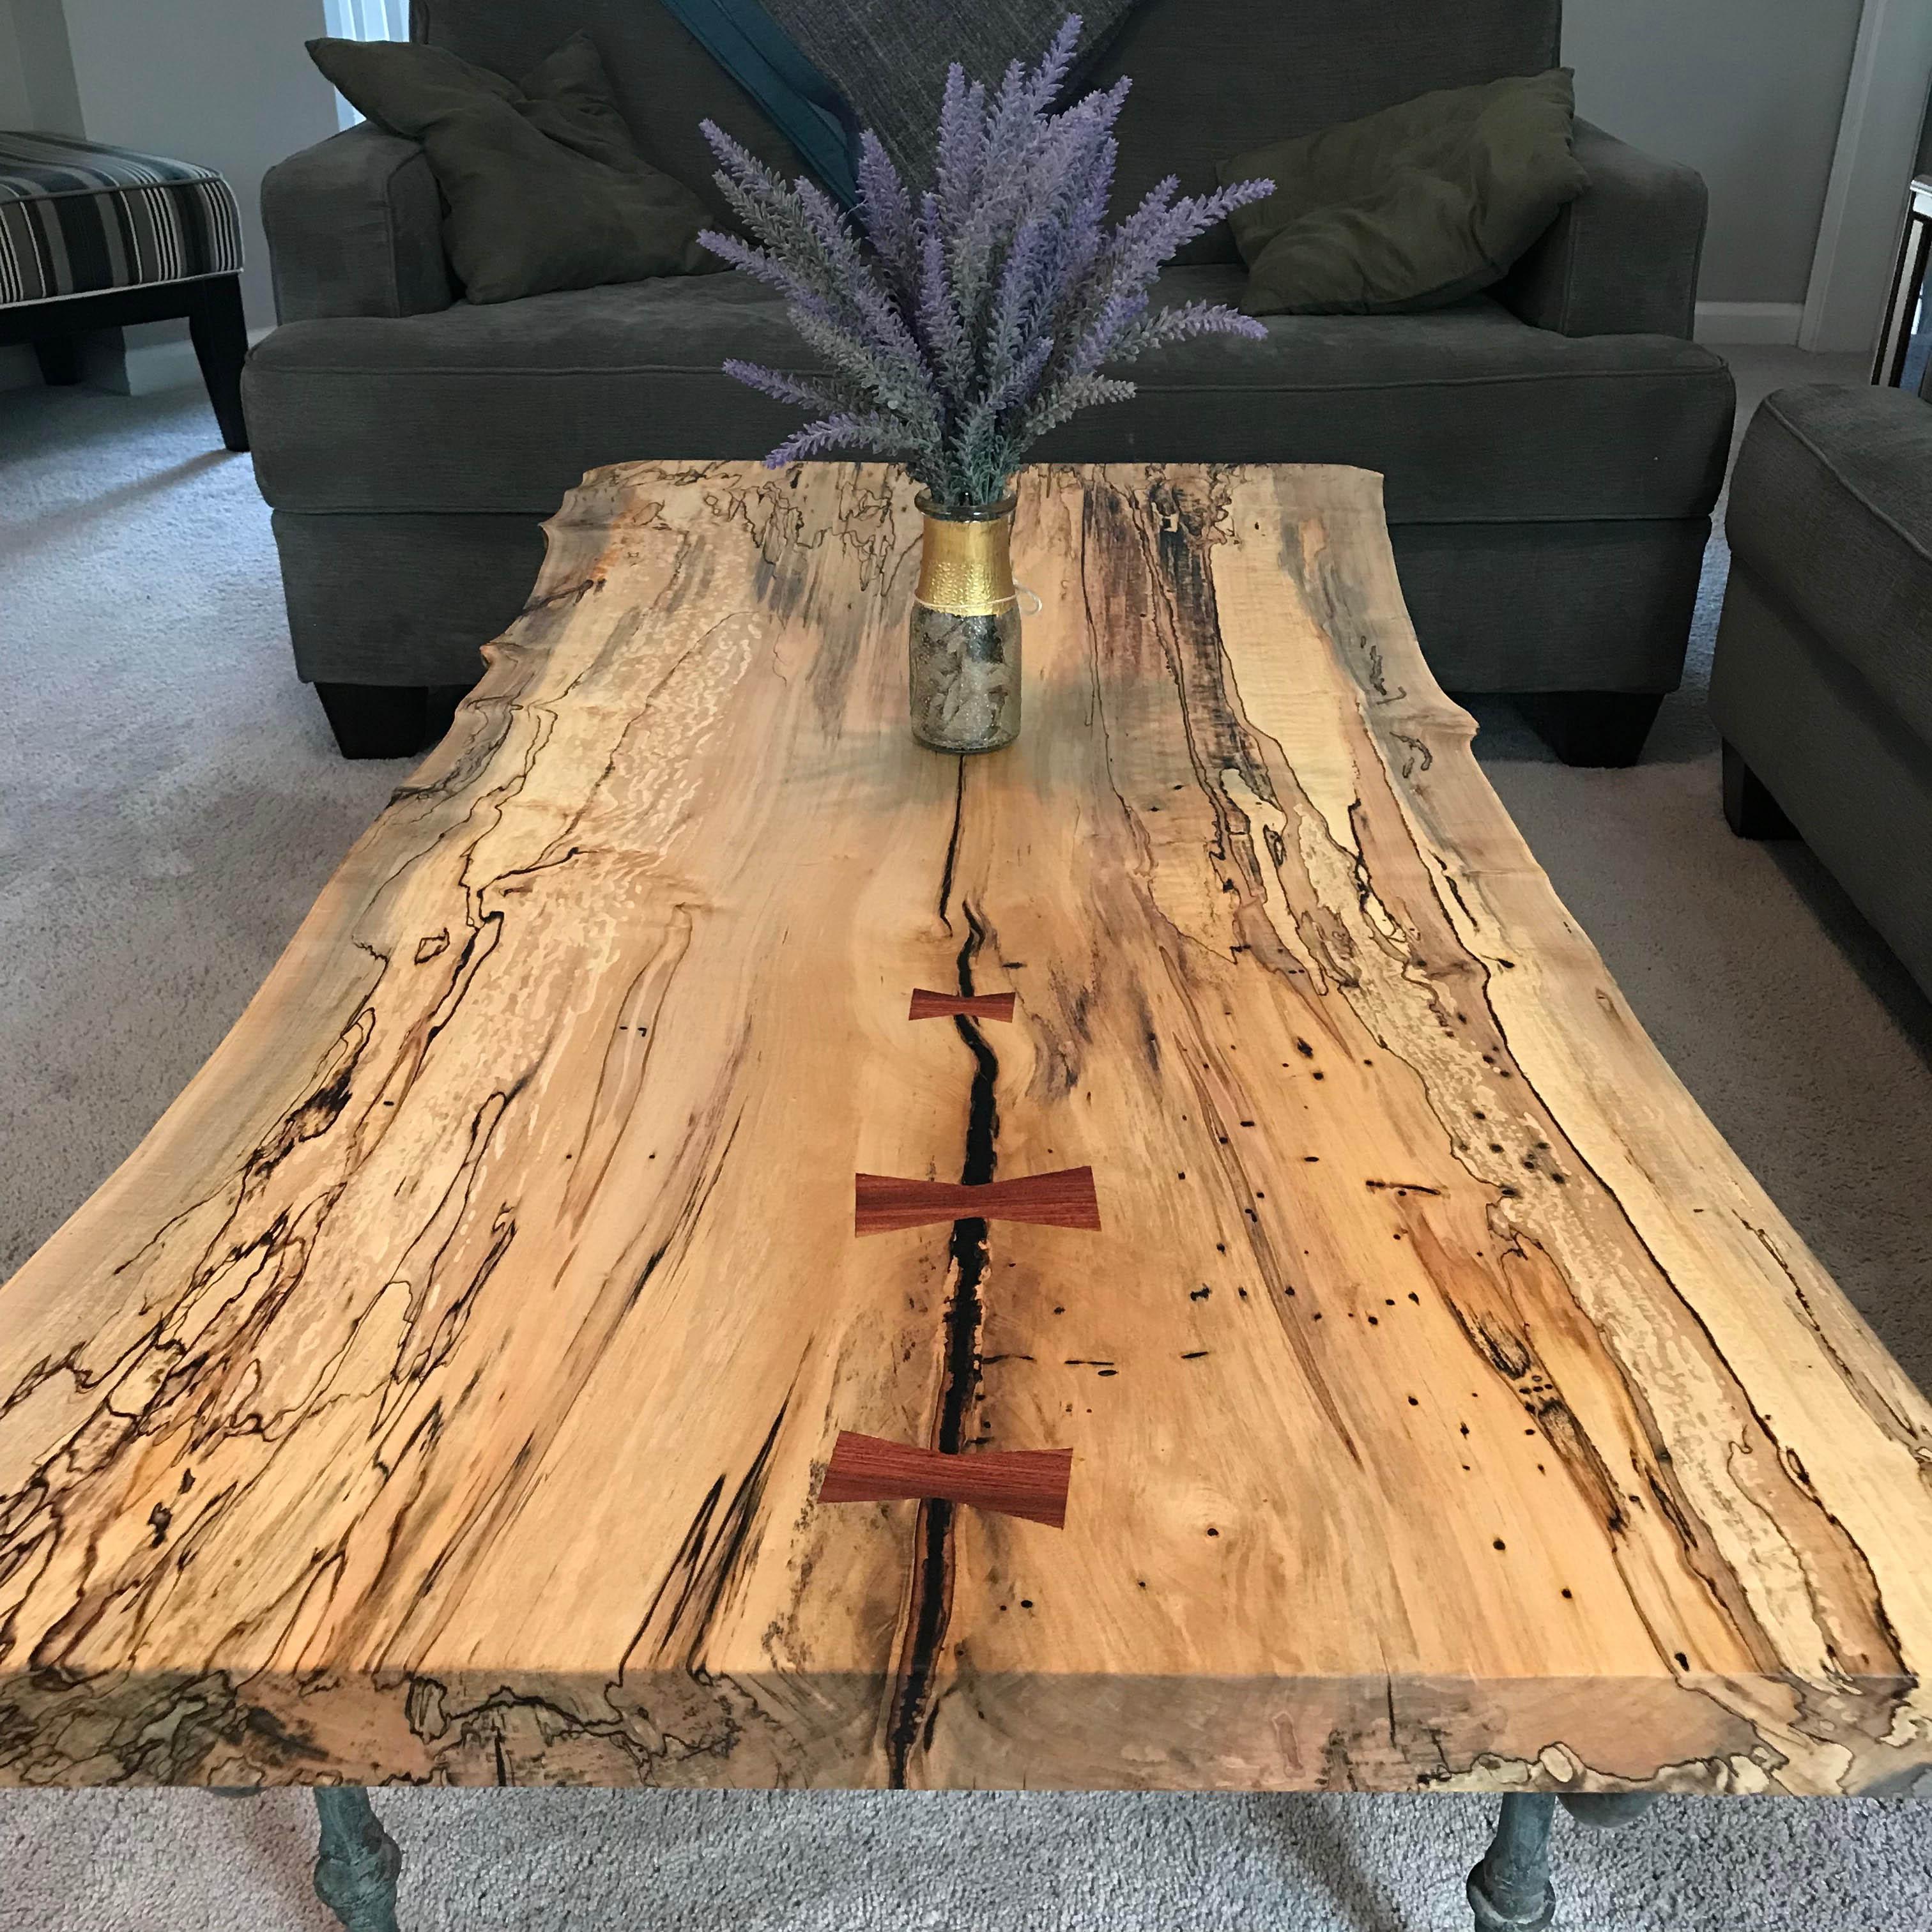 Inspiracja dla majsterkowiczów: spersonalizuj swój blat stołowy za pomocą drewnianych lub metalowych inkrustacji